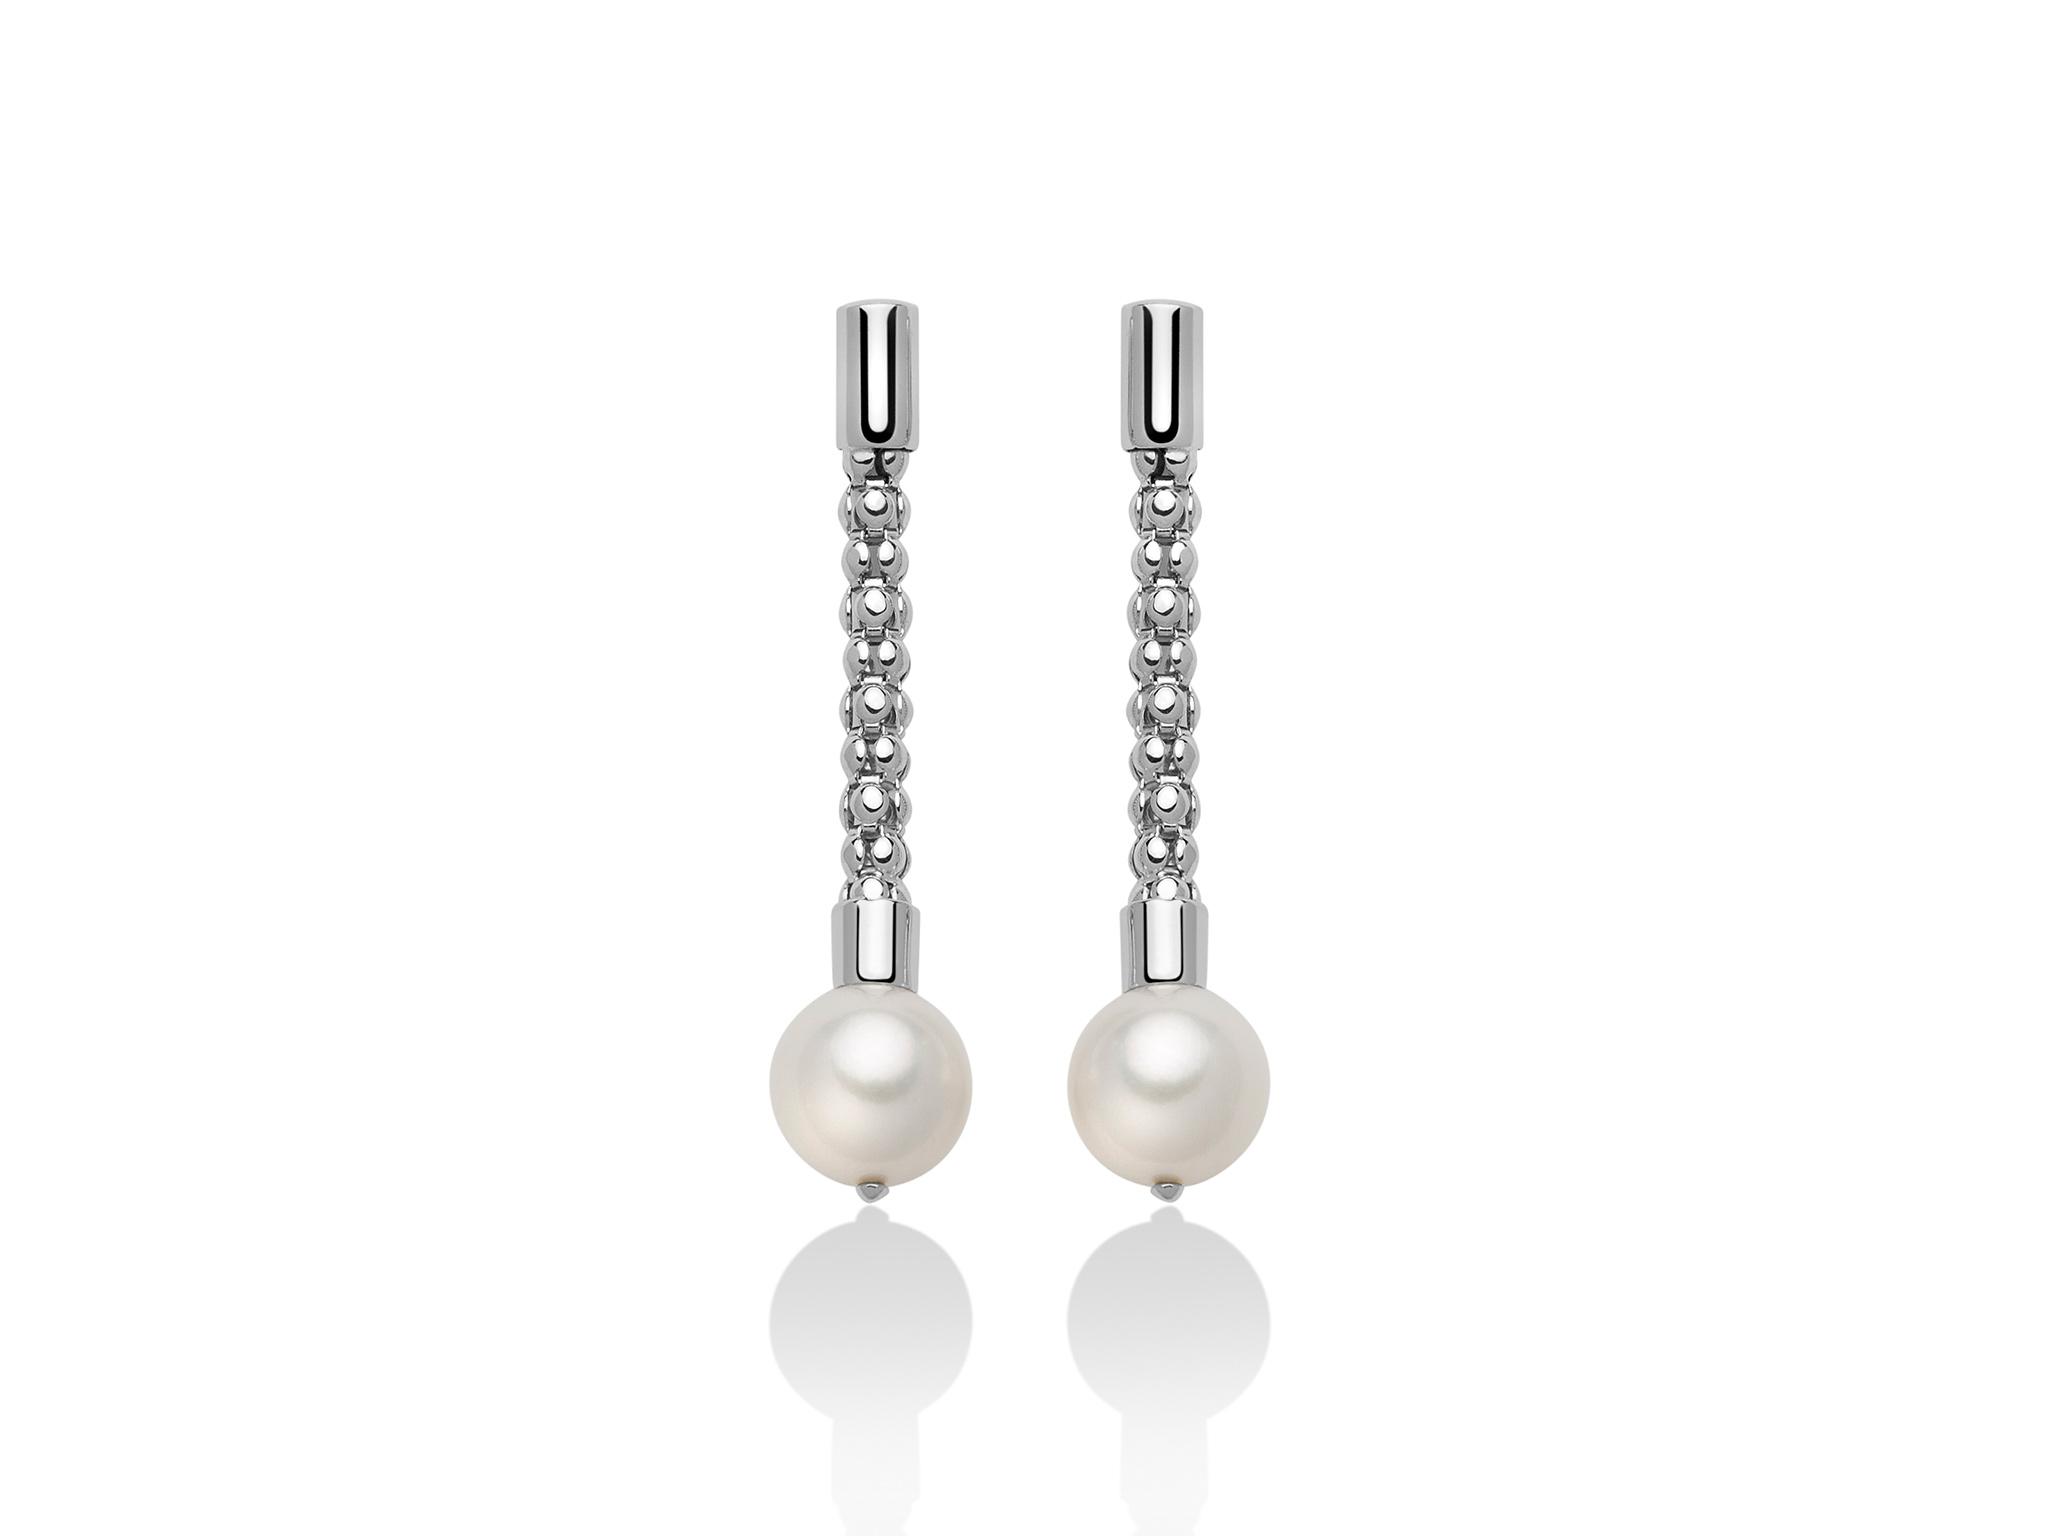 Orecchini pendenti con maglia coreana, in argento con perle - PER2409